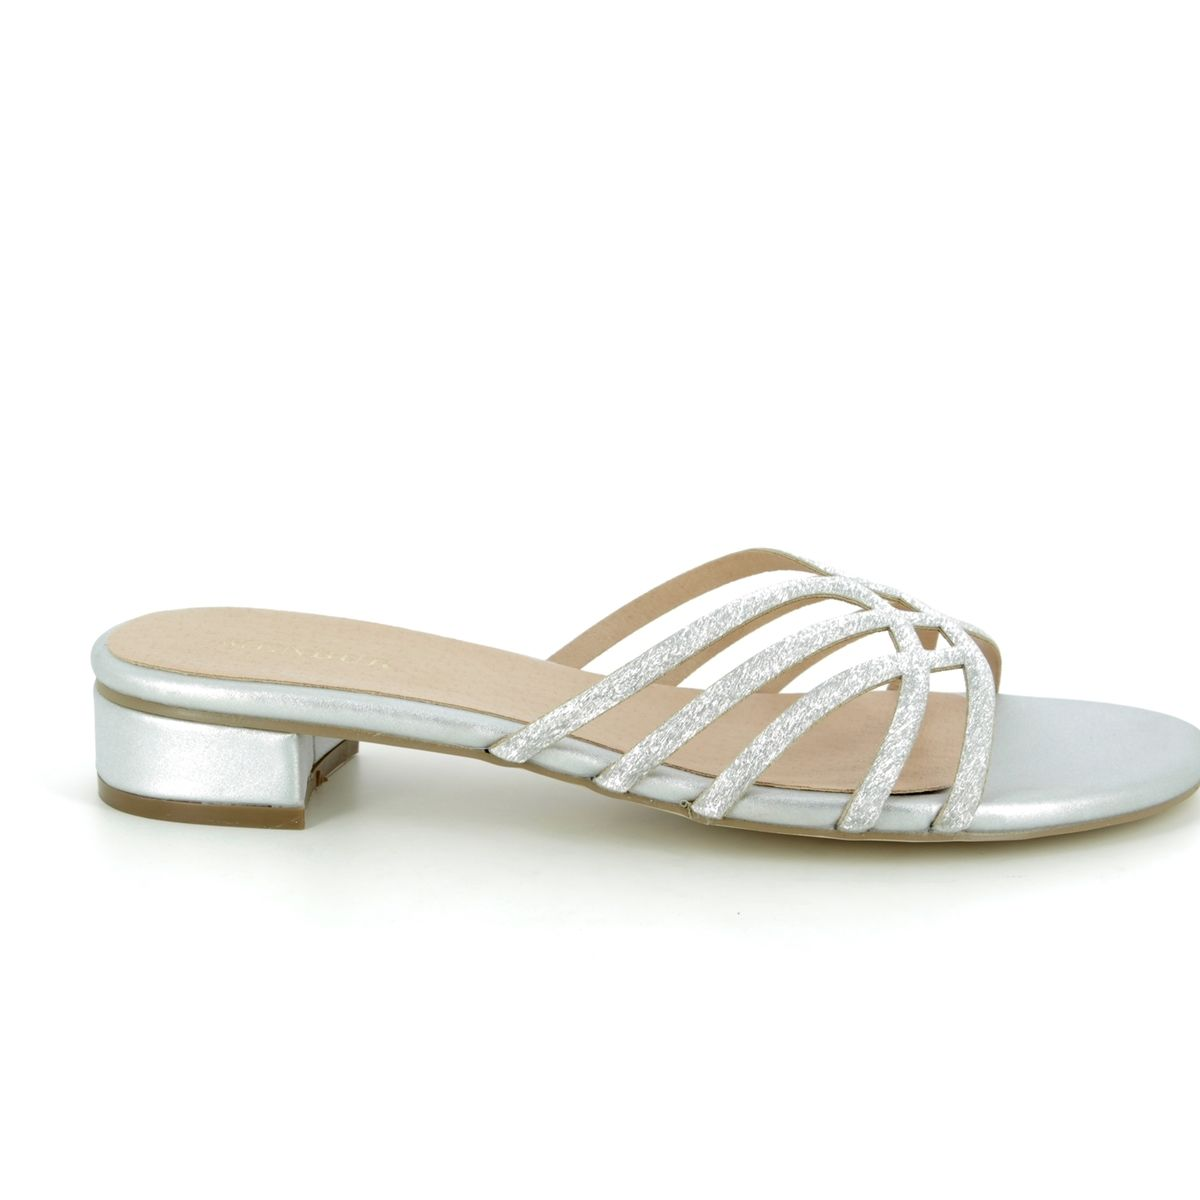 d6d4eeb70a6 Menbur Slide Sandals - Silver - 20295 09 VERNA